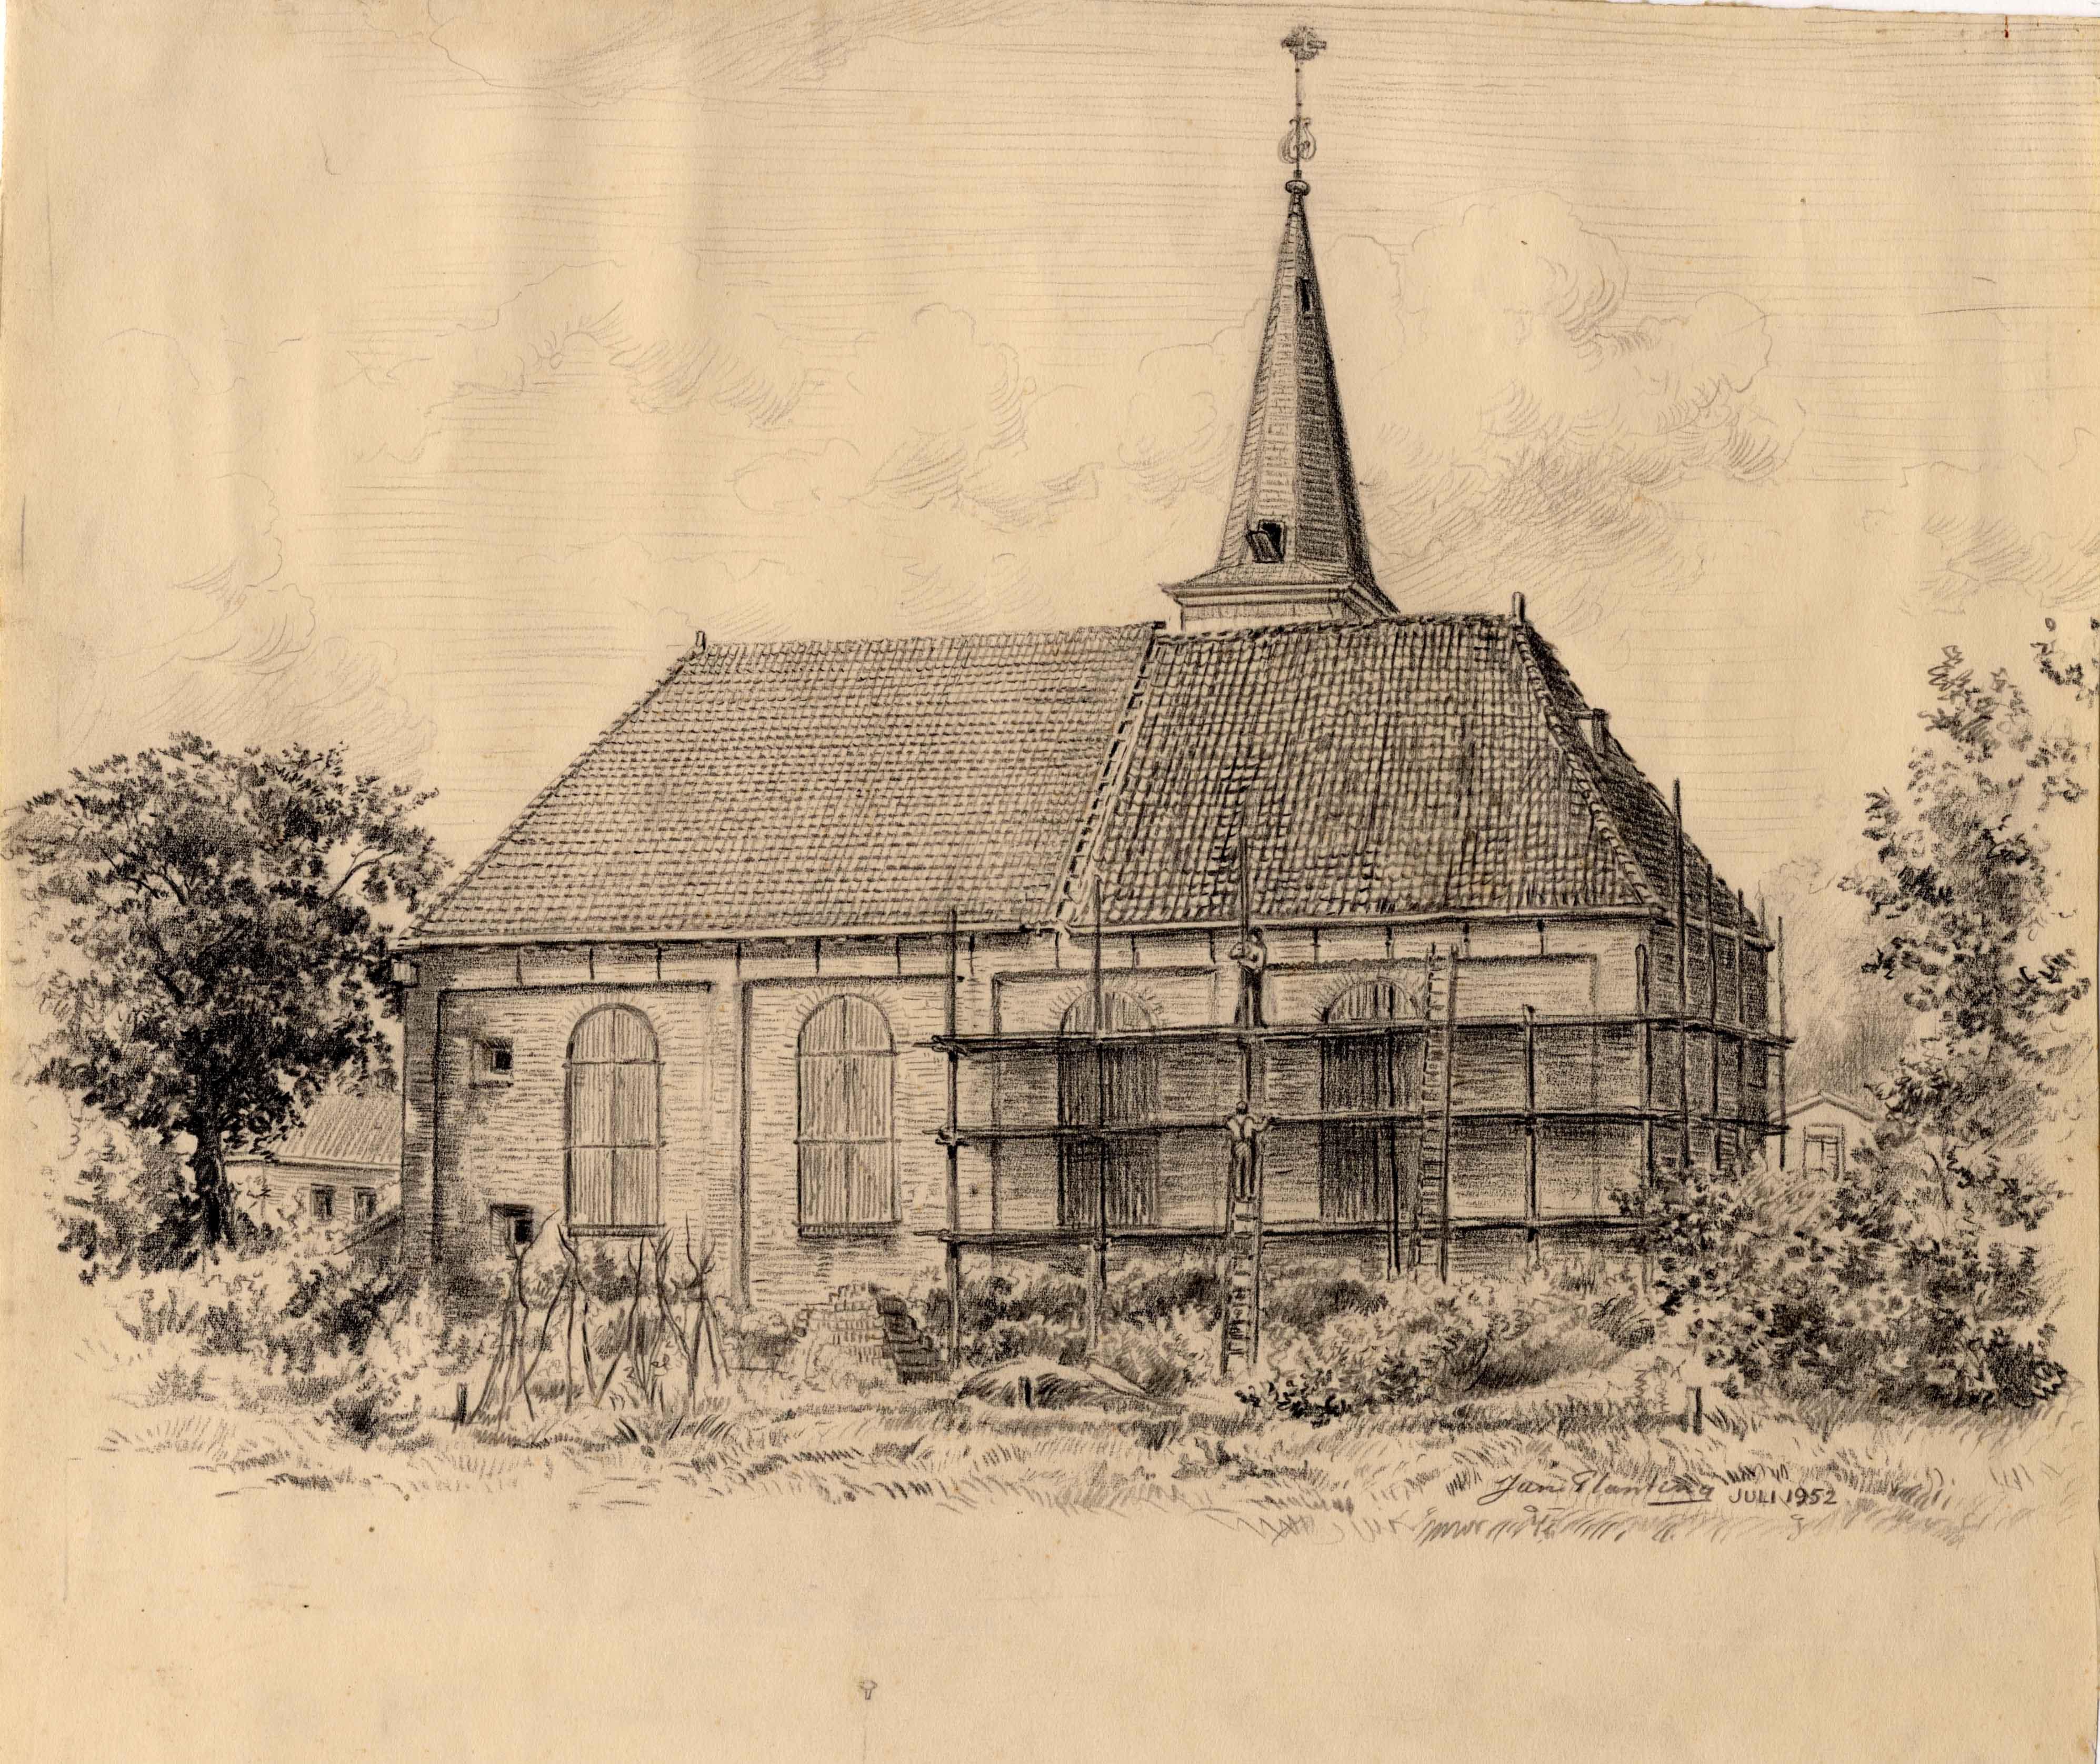 Tekening met de achterzijde van de Grote Kerk aan de Zuidkade te Drachten